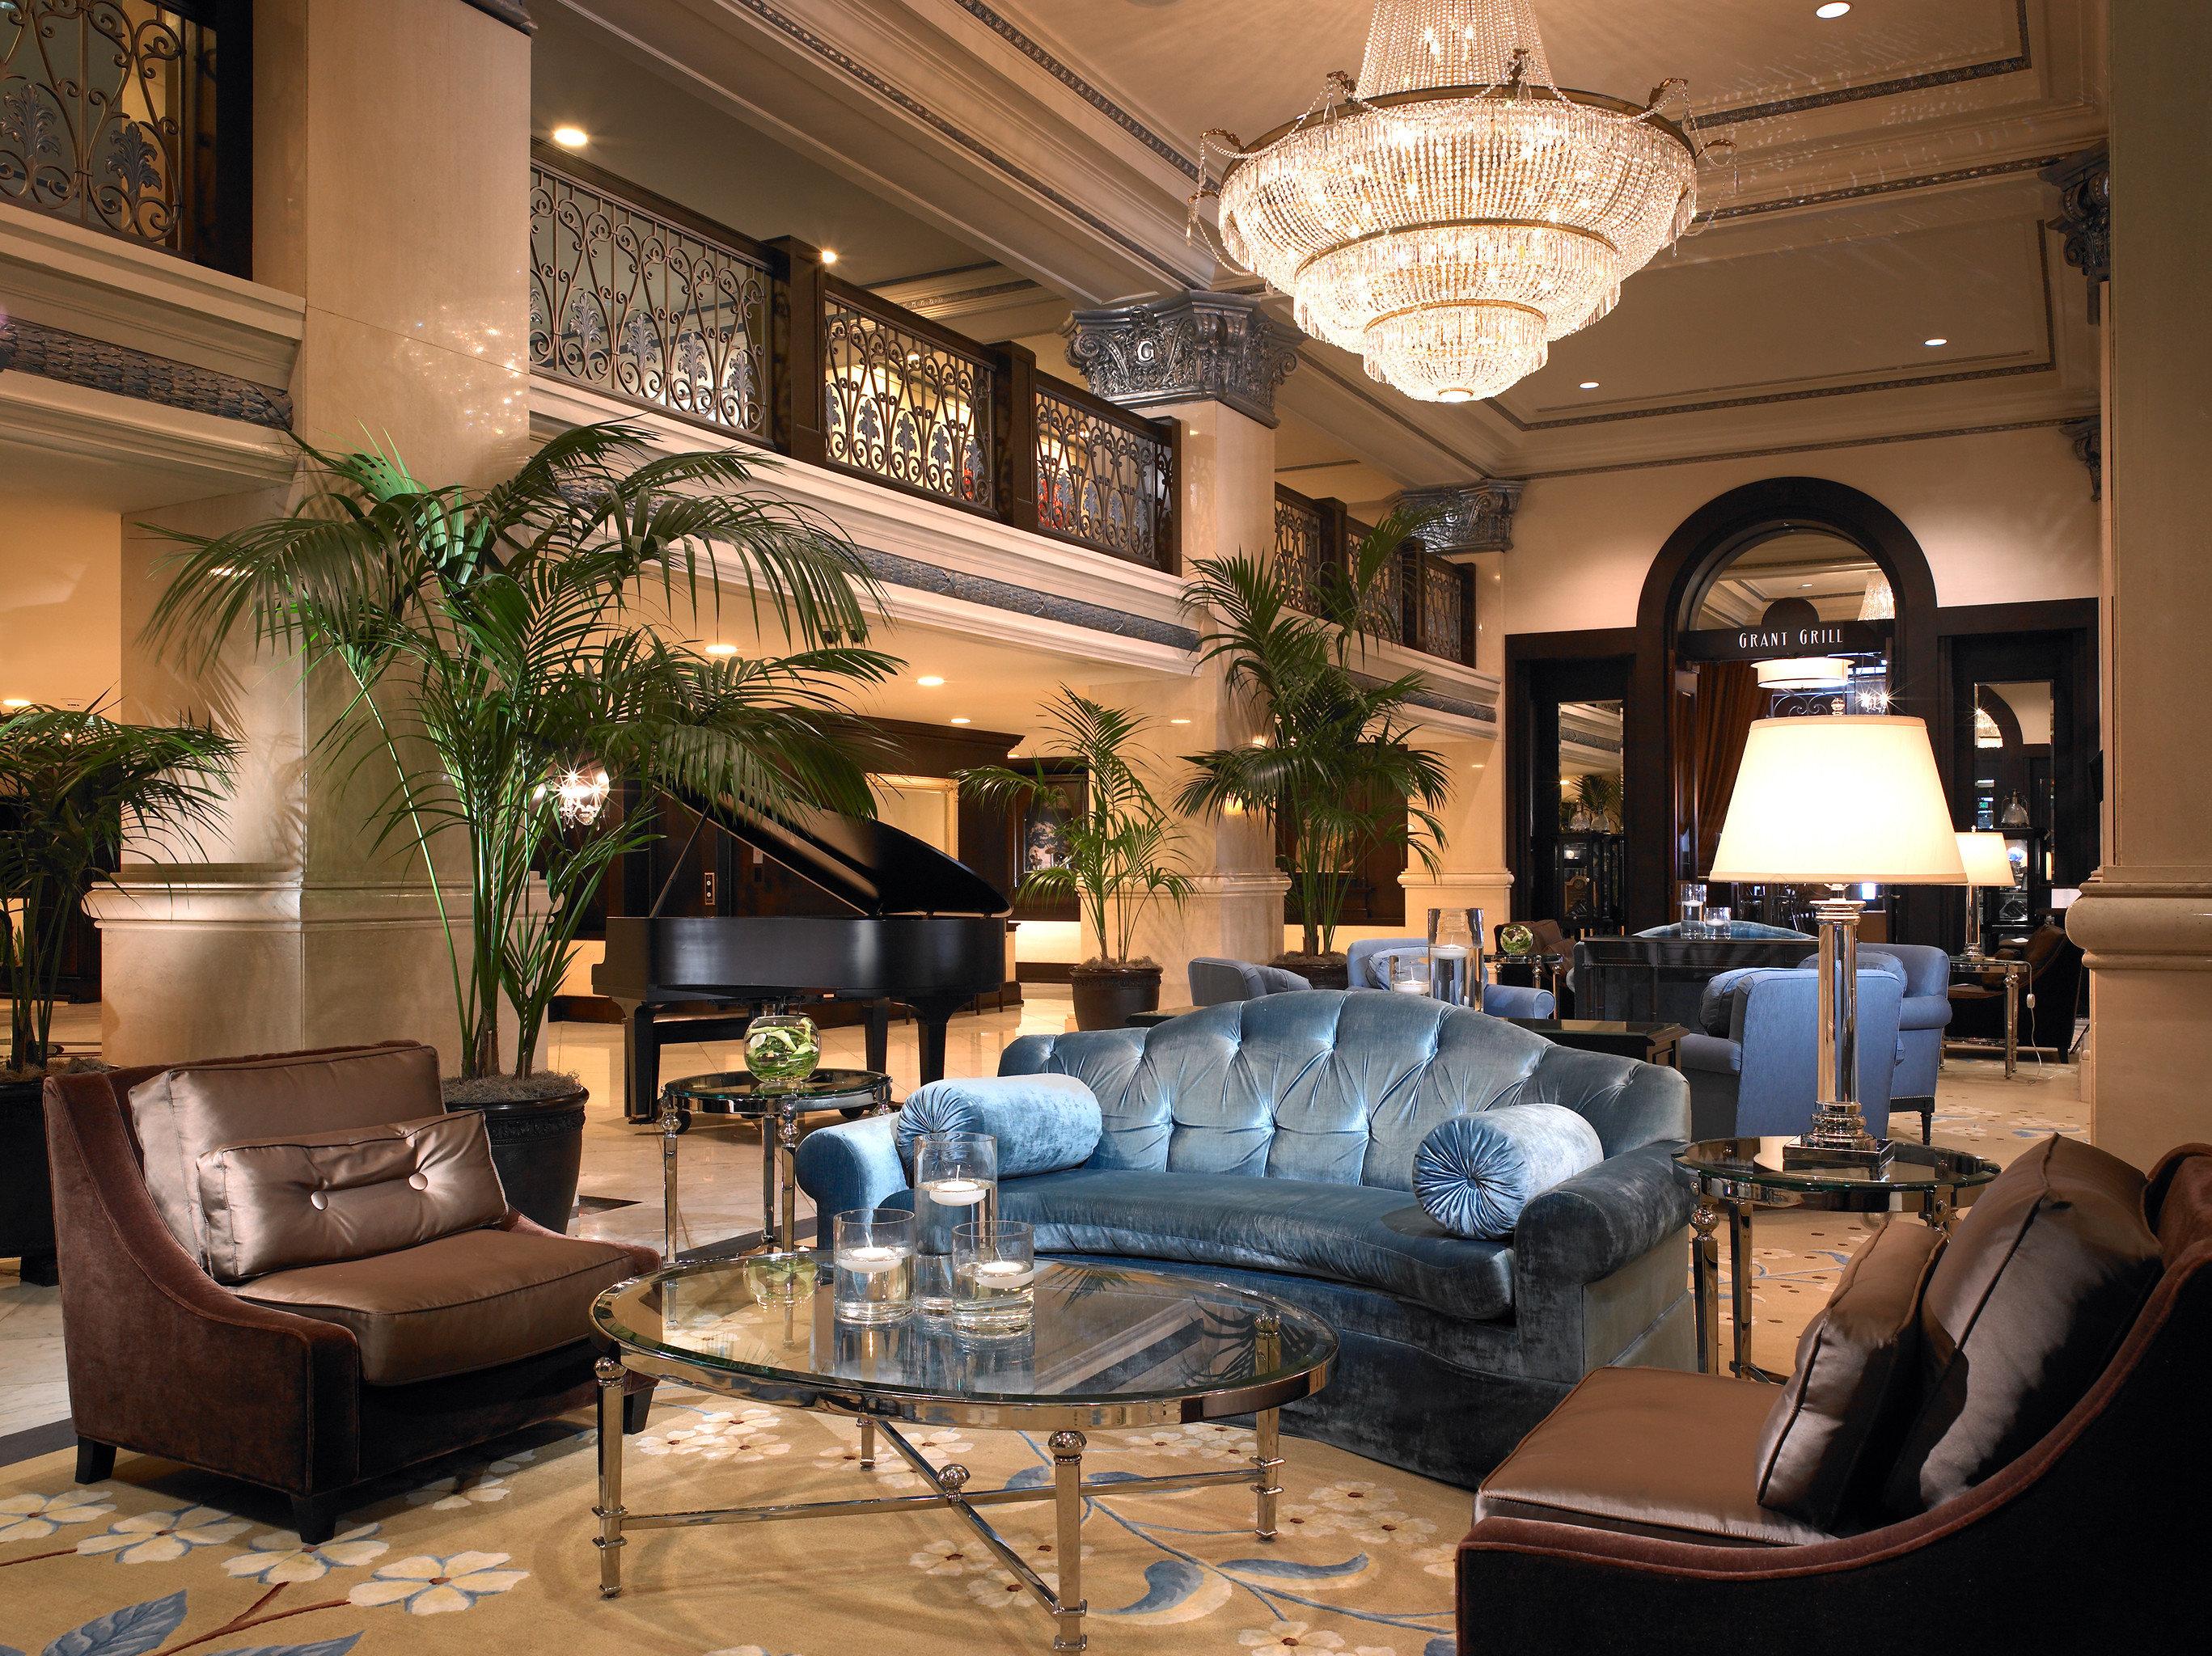 Elegant Hotels Living Lobby Lounge indoor living room room property estate home mansion interior design real estate dining room Villa furniture cluttered